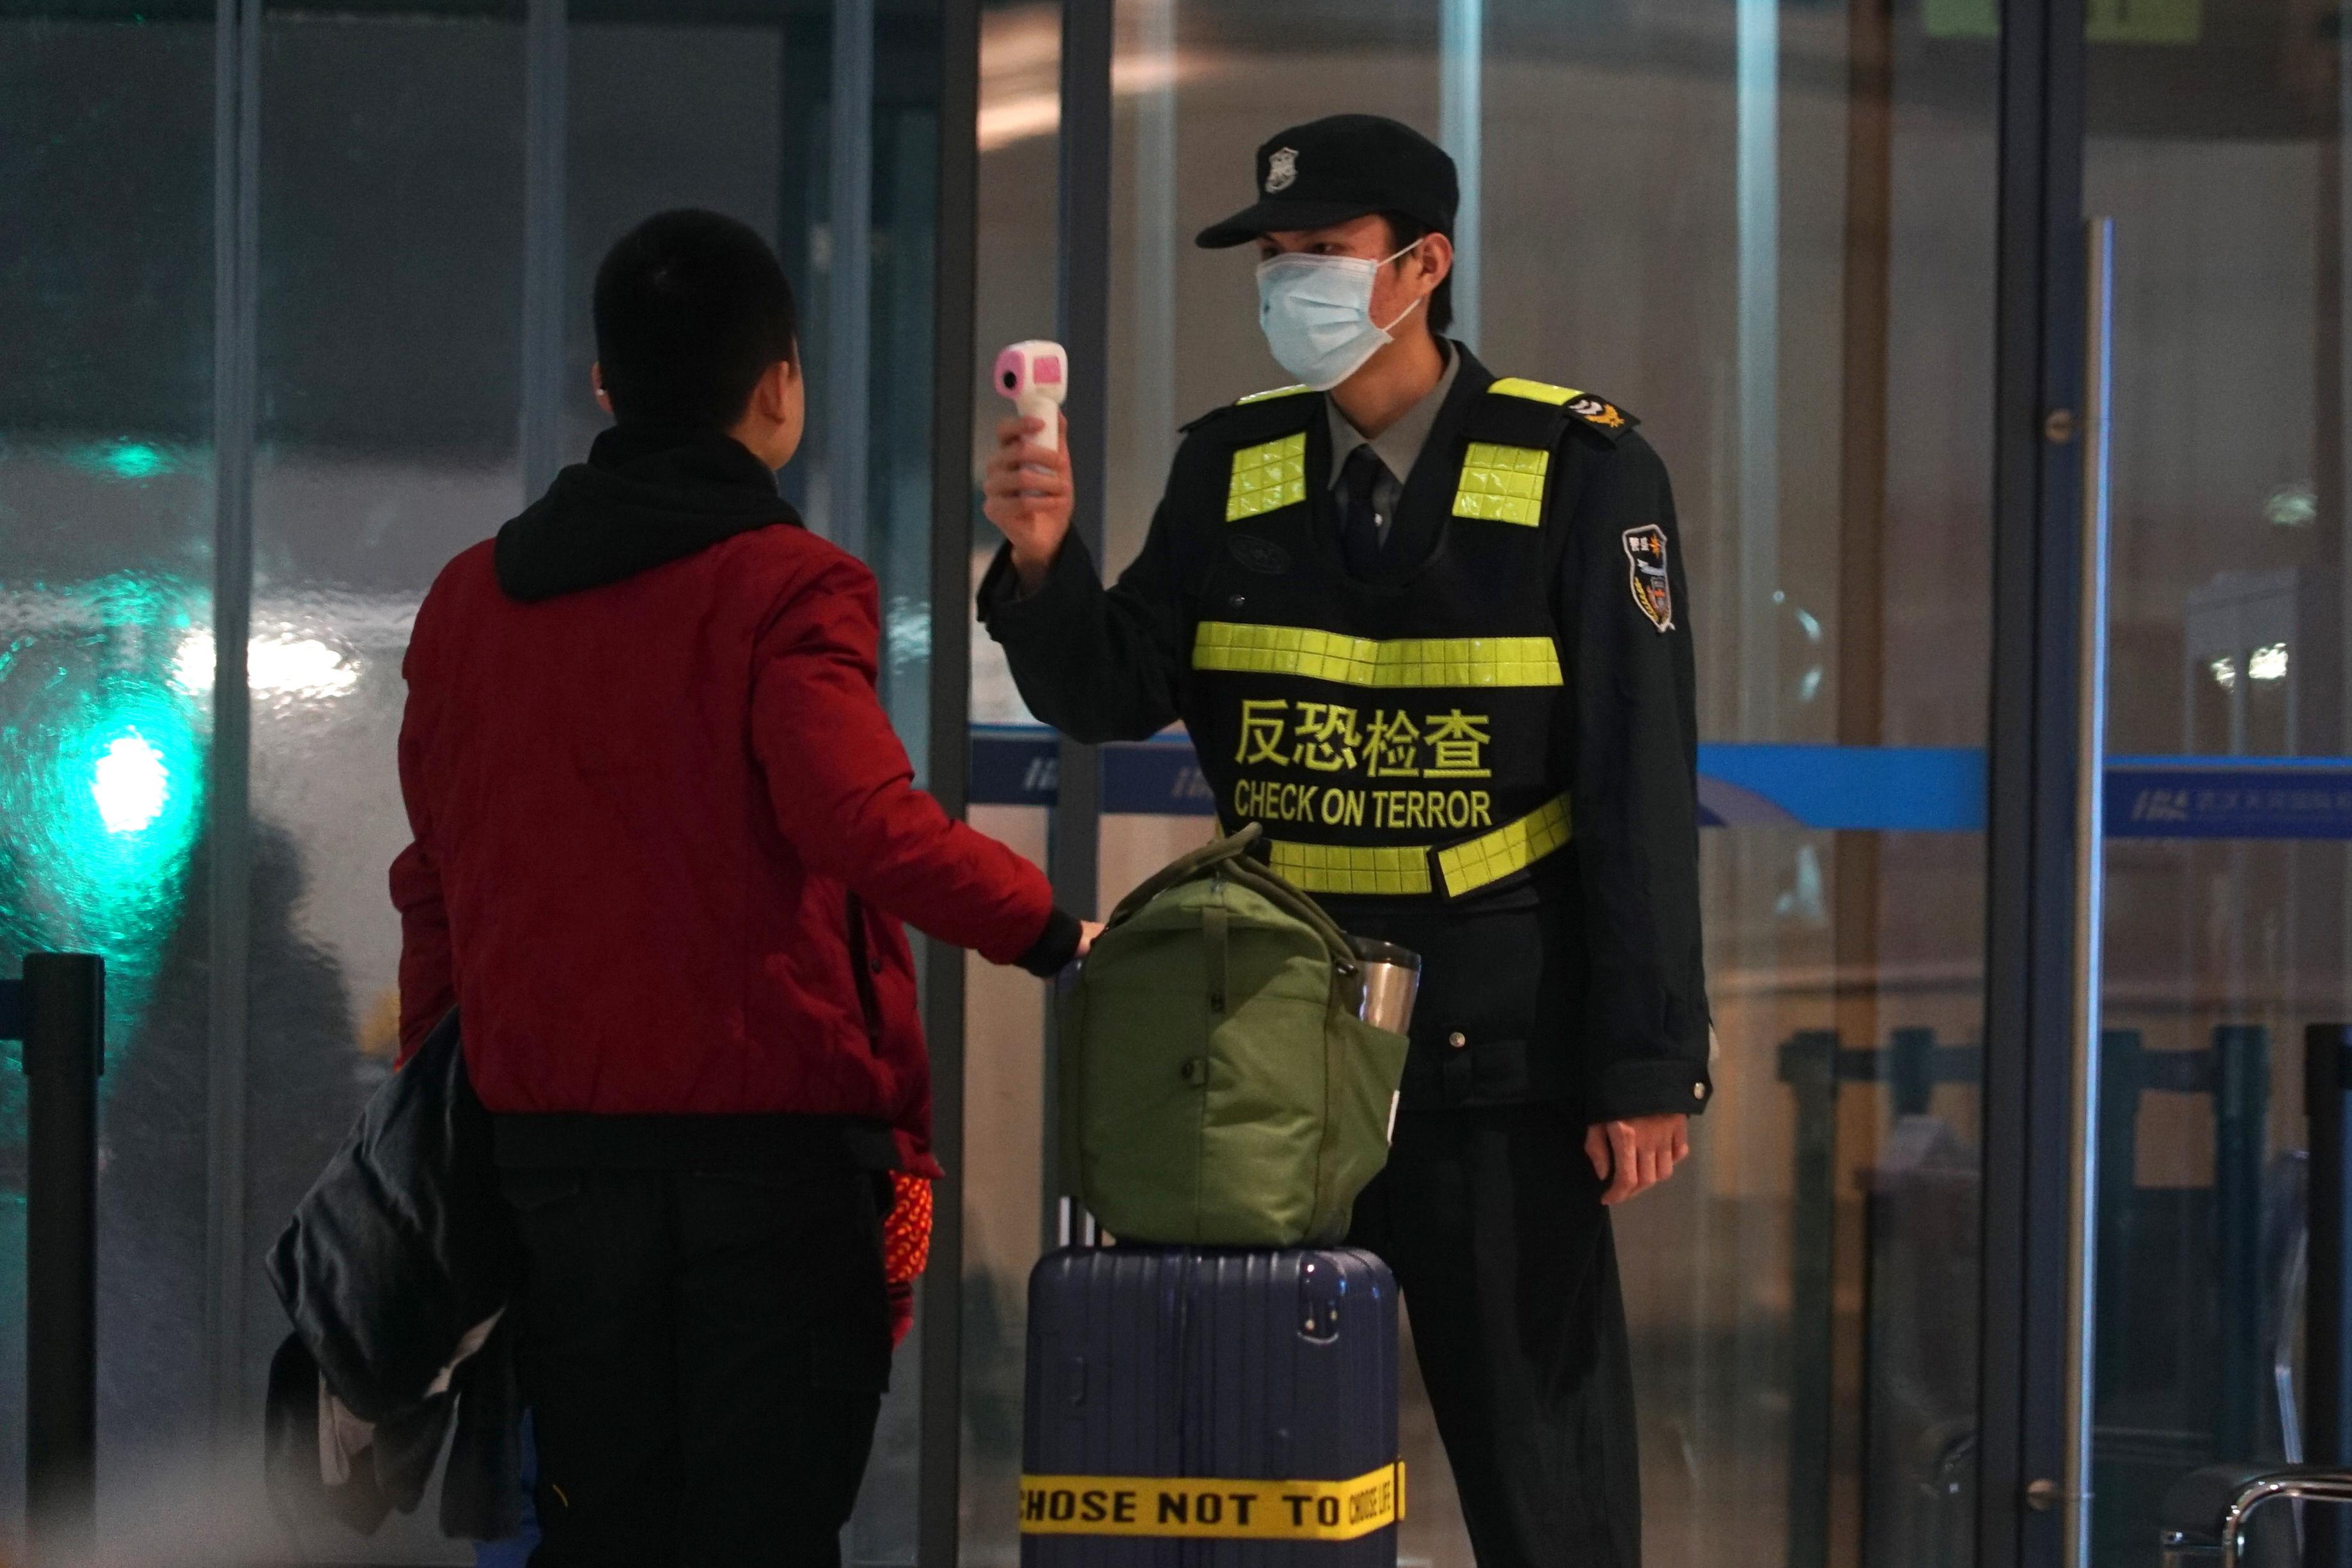 Se tomaron mayores precauciones en China y en otros lugares el martes como gobiernos se esforzó por controlar el brote de un nuevo coronavirus que amenaza con crecer durante el viaje del Año Nuevo Lunar. (Suh Myung-geon / Yonhap vía AP) (Suh Myung-geon / Yonhap vía AP)